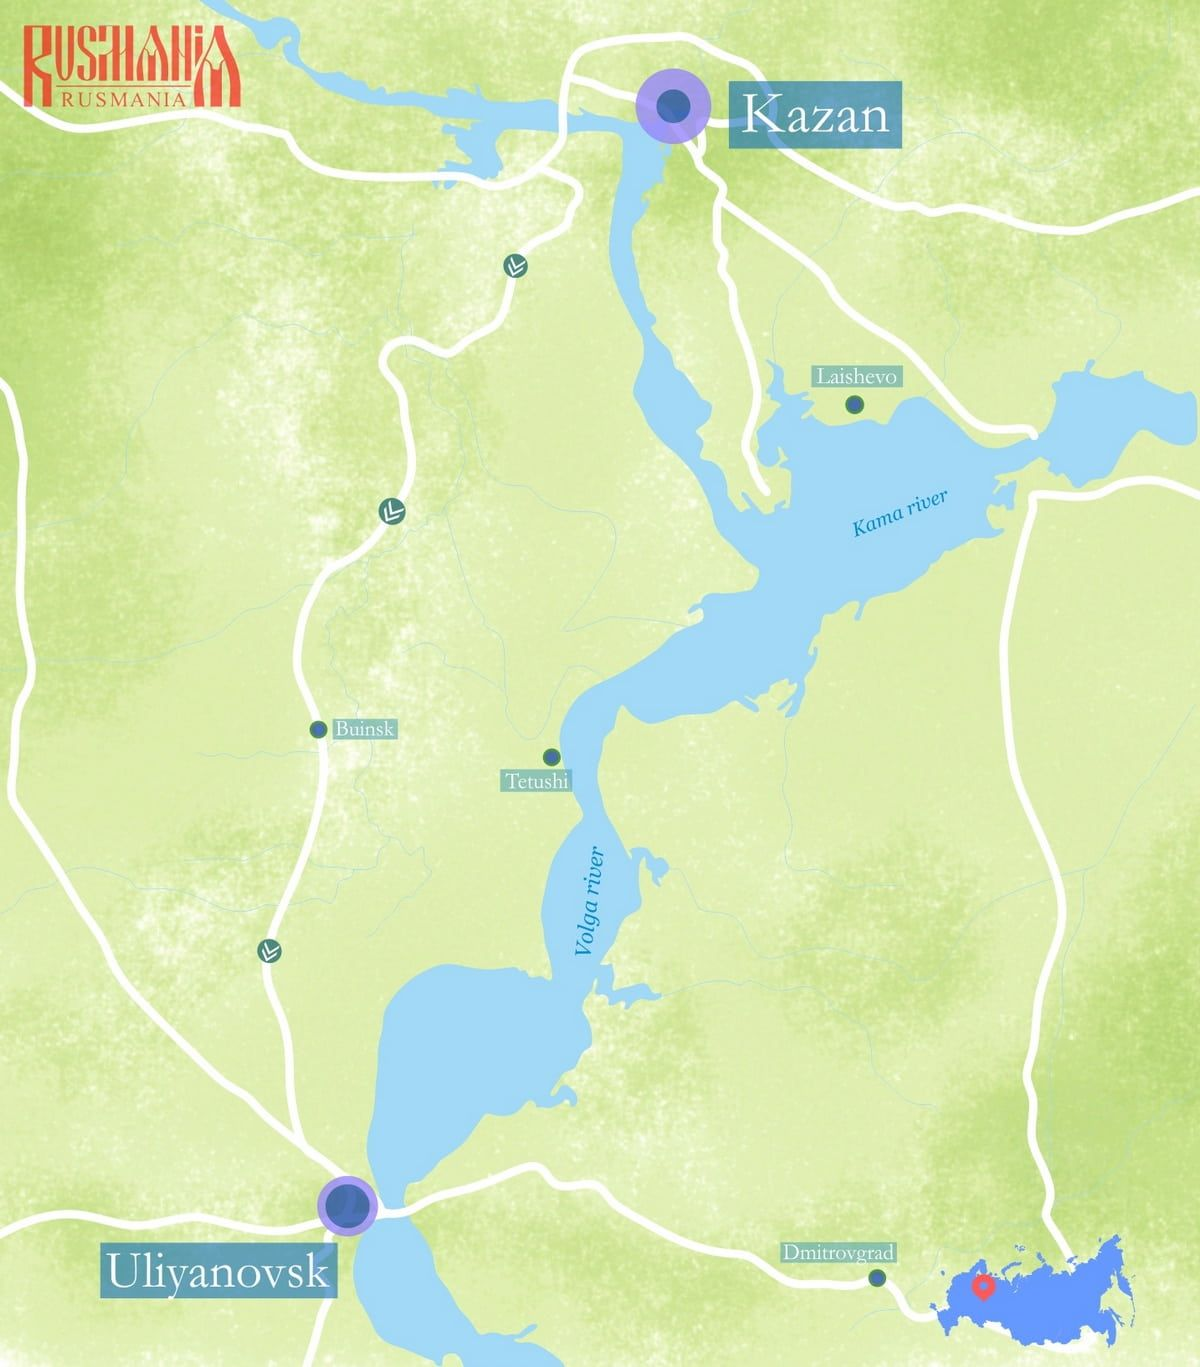 Day tour to Uliyanovsk from Kazan